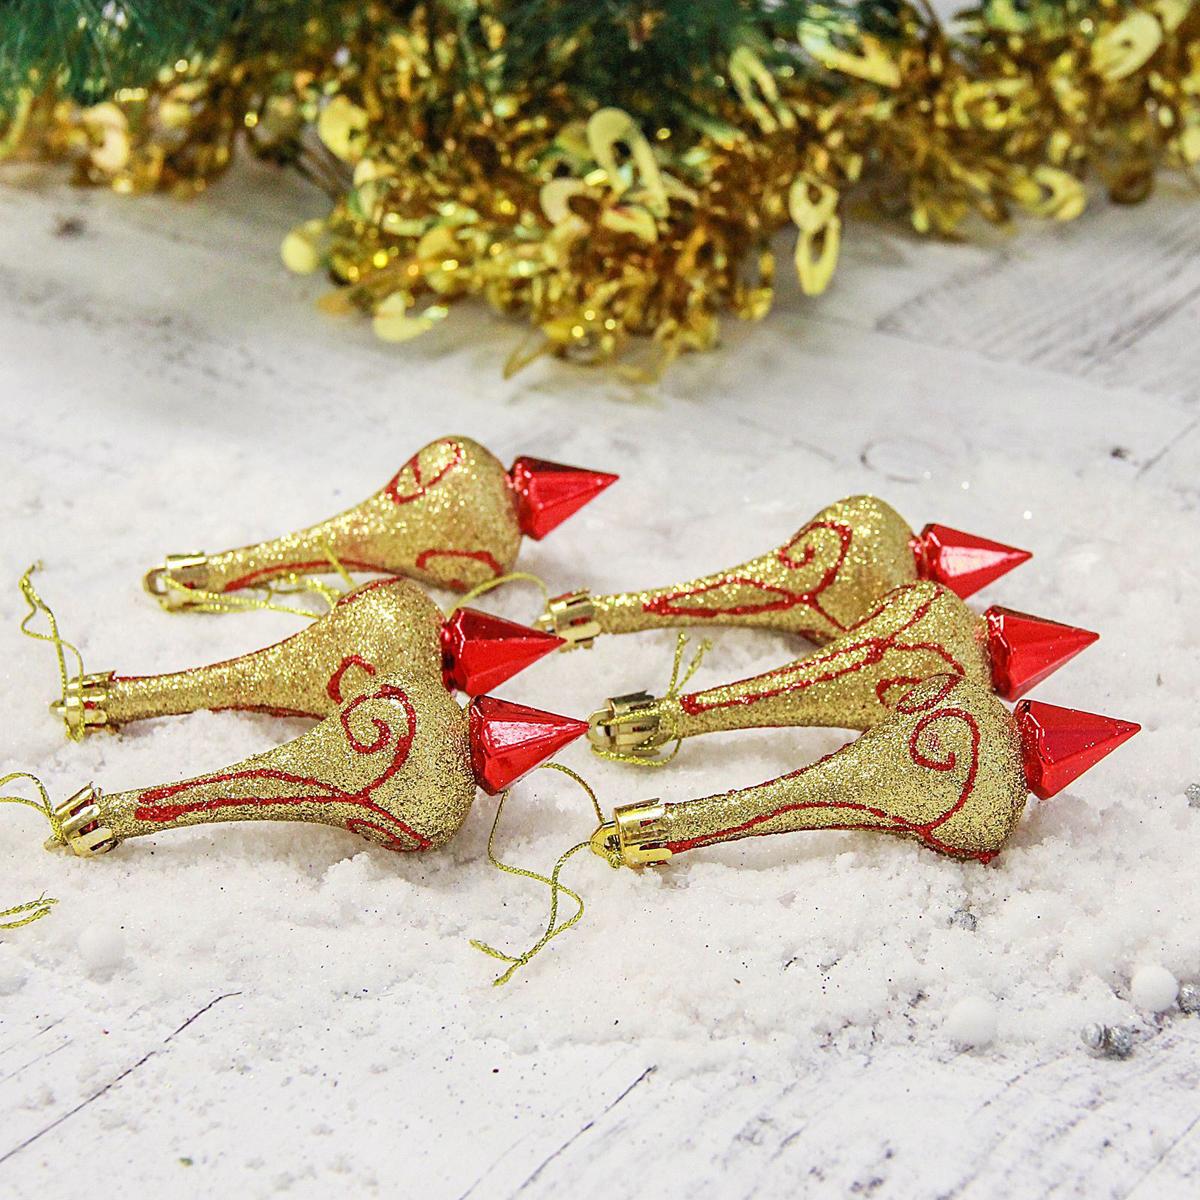 Набор новогодних подвесных украшений Сосульки, 8 х 3 см, 6 шт. 21781262178126Набор новогодних подвесных украшений отлично подойдет для декорации вашего дома и новогодней ели. С помощью специальной петельки украшение можно повесить в любом понравившемся вам месте. Но, конечно, удачнее всего оно будет смотреться на праздничной елке.Елочная игрушка - символ Нового года. Она несет в себе волшебство и красоту праздника. Такое украшение создаст в вашем доме атмосферу праздника, веселья и радости.